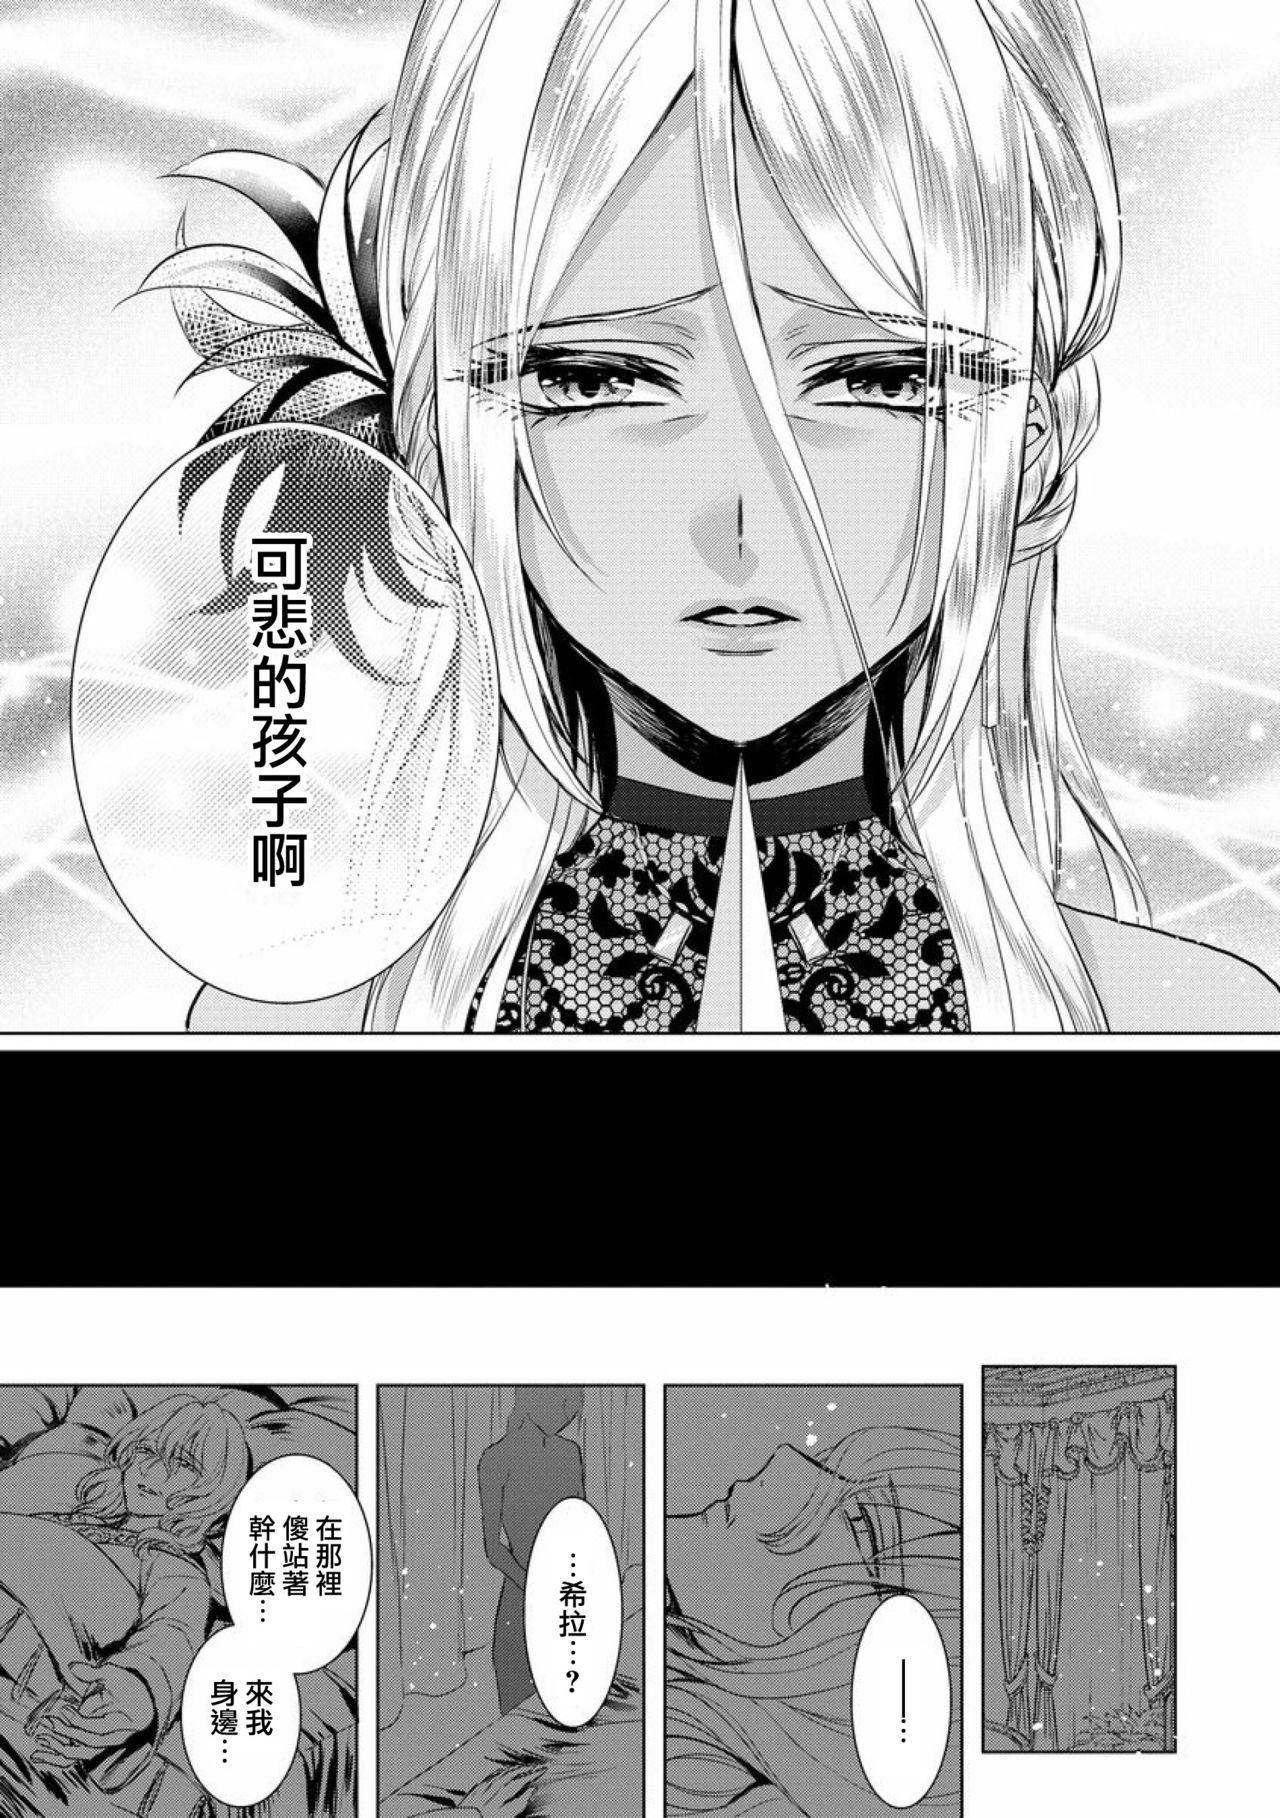 [Saotome Mokono] Kyououji no Ibitsu na Shuuai ~Nyotaika Knight no Totsukitooka~ Ch. 12 [Chinese] [瑞树汉化组] [Digital] 12